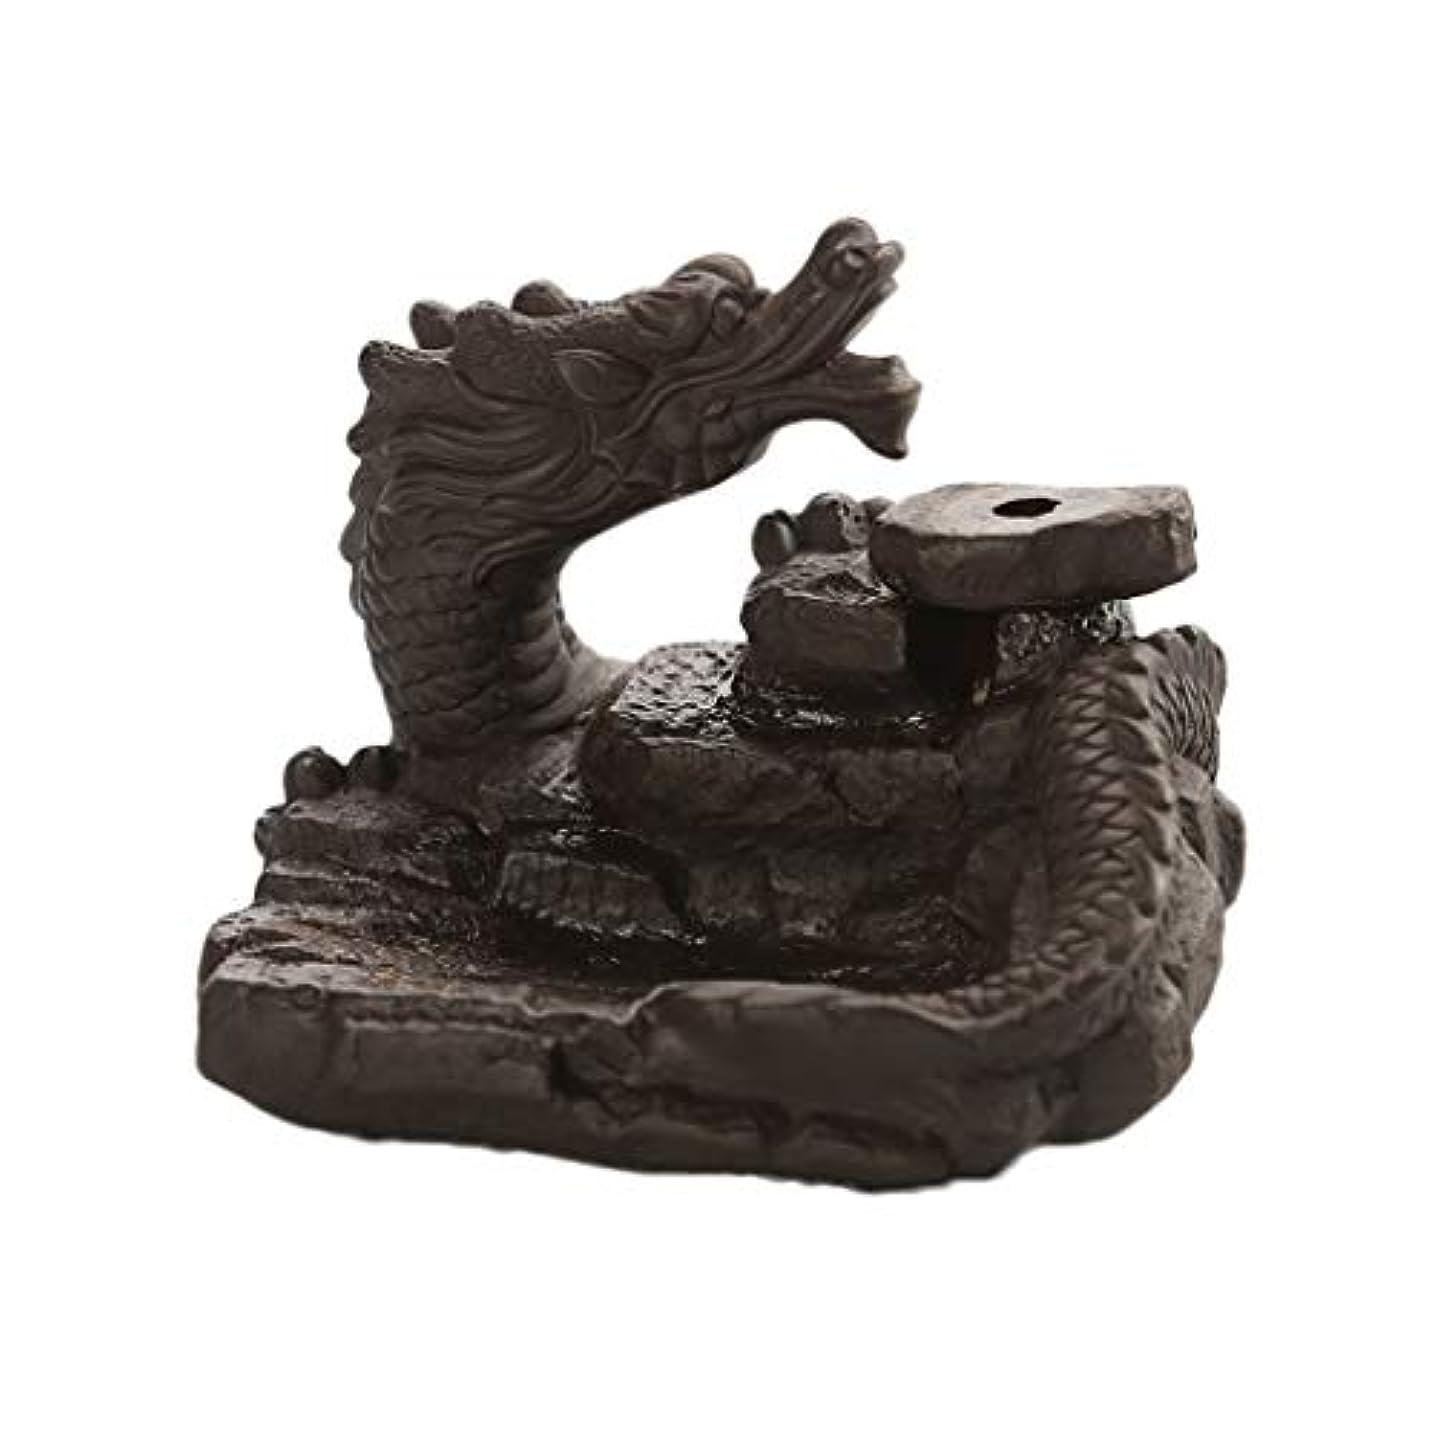 シロナガスクジラヘルパー遡る家の装飾ドラゴン逆流還流香バーナーセラミックスティックホルダーコーンセンサー茶室飾り香炉 (Color : Black, サイズ : 3.46*3.14*2.36 inches)